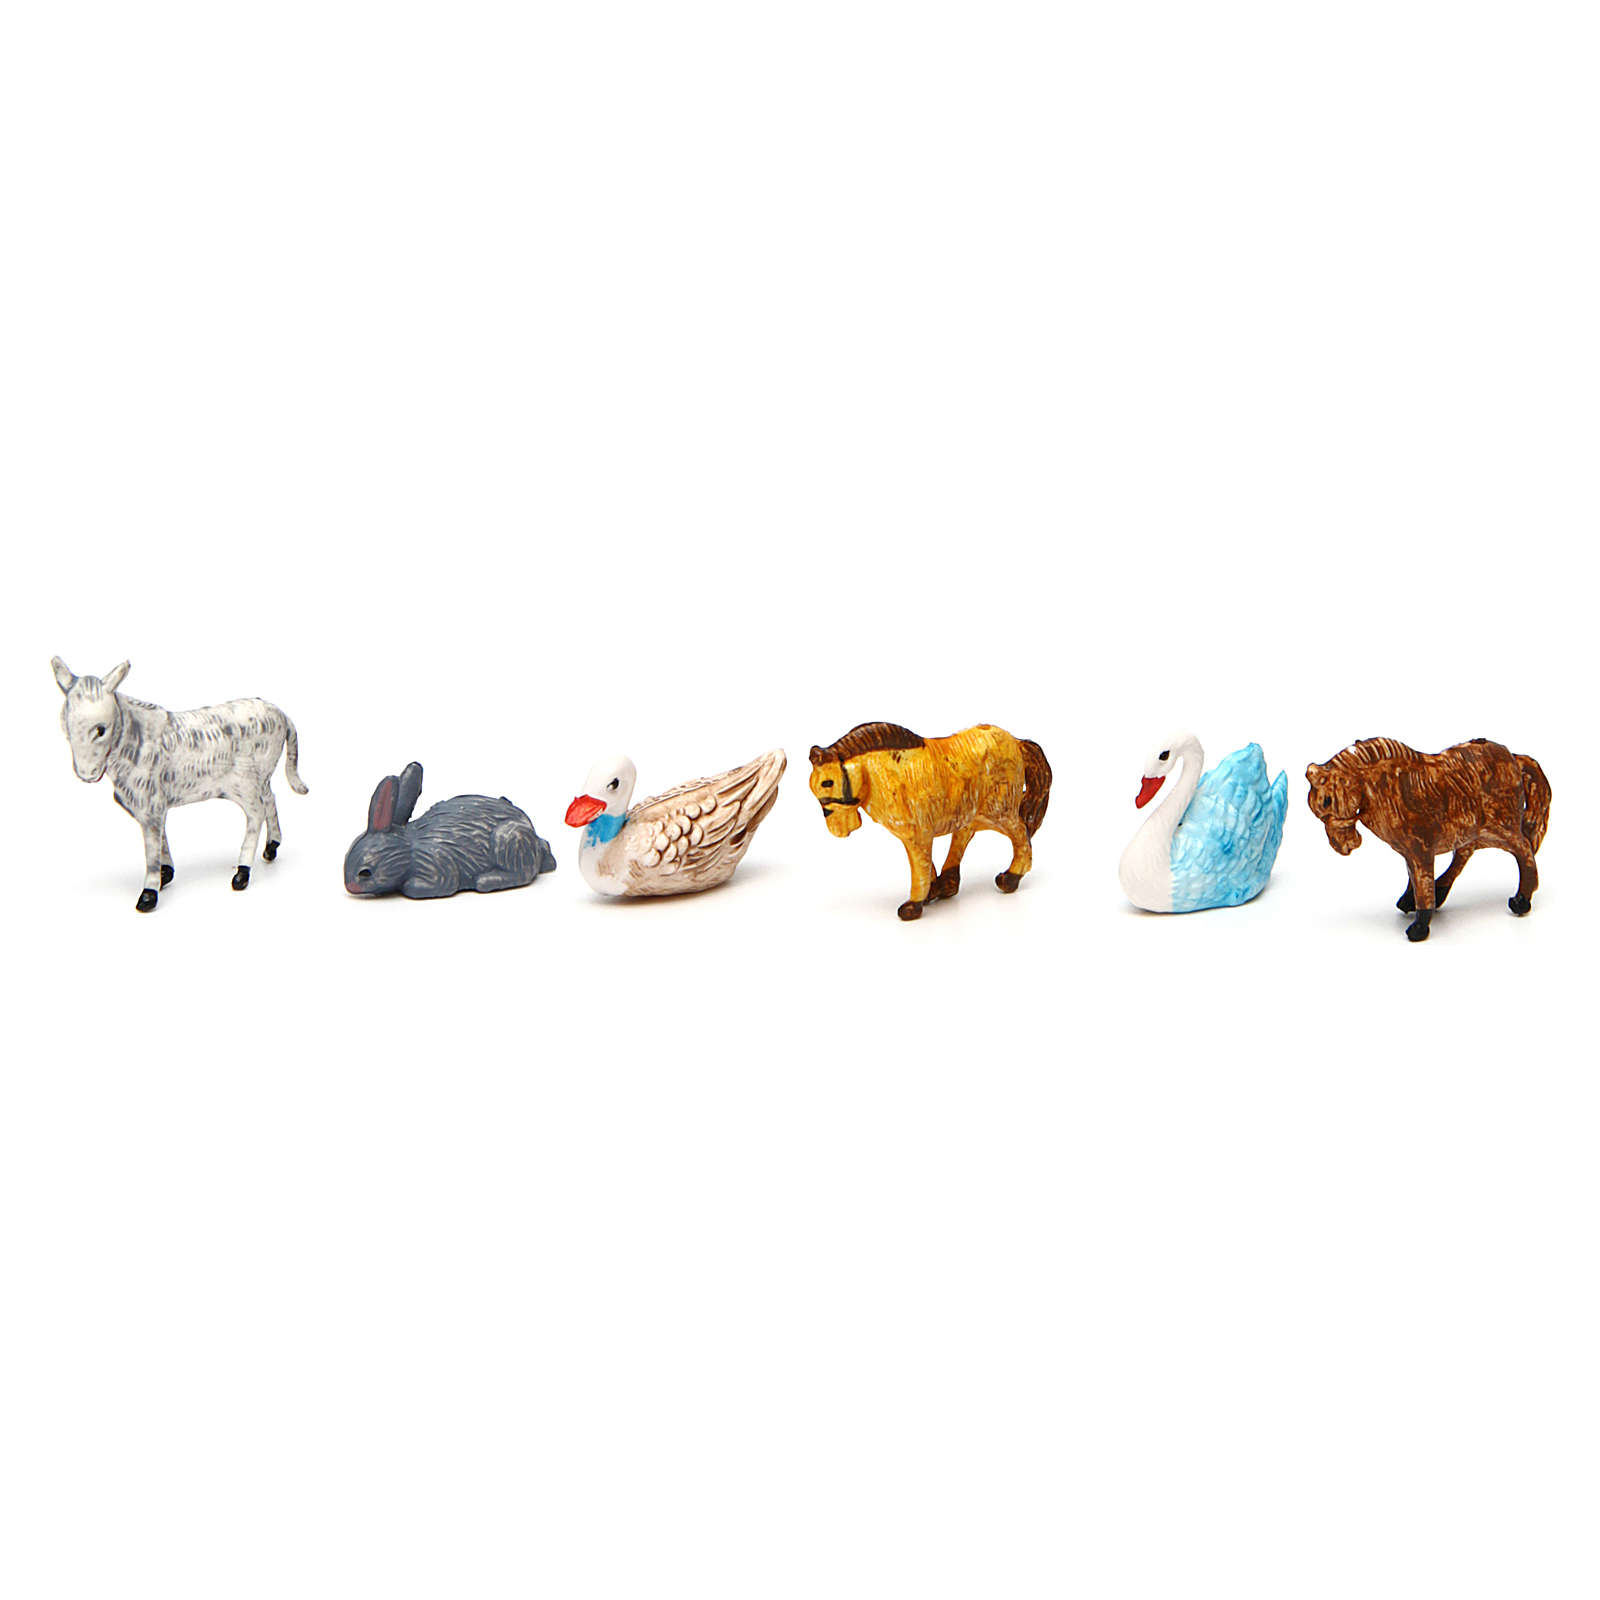 Animali presepe 52 pz presepe 3 cm 3